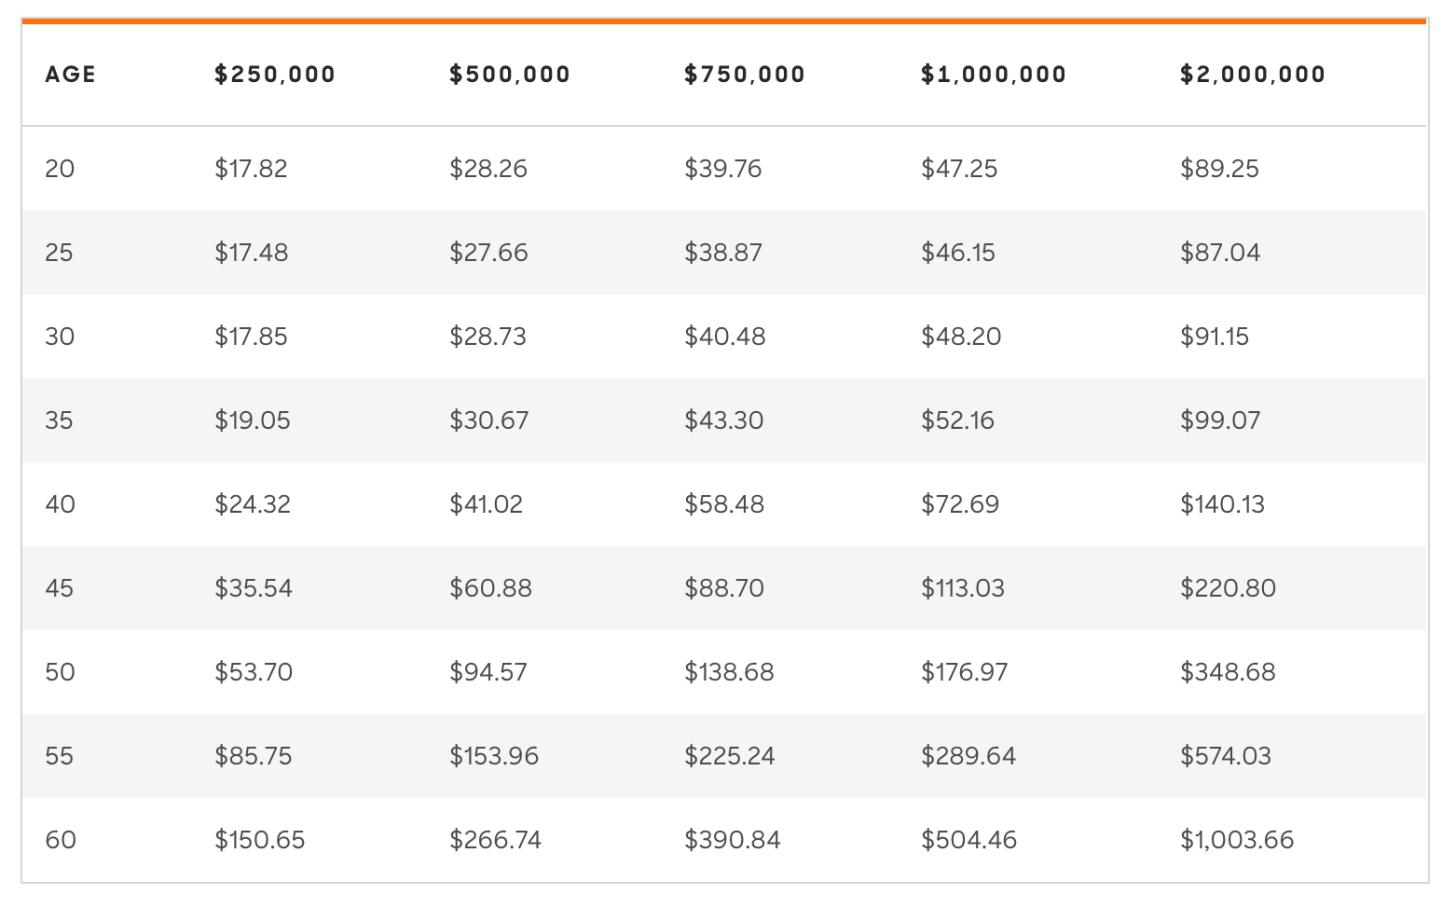 Costo del seguro de vida por edad para hombres